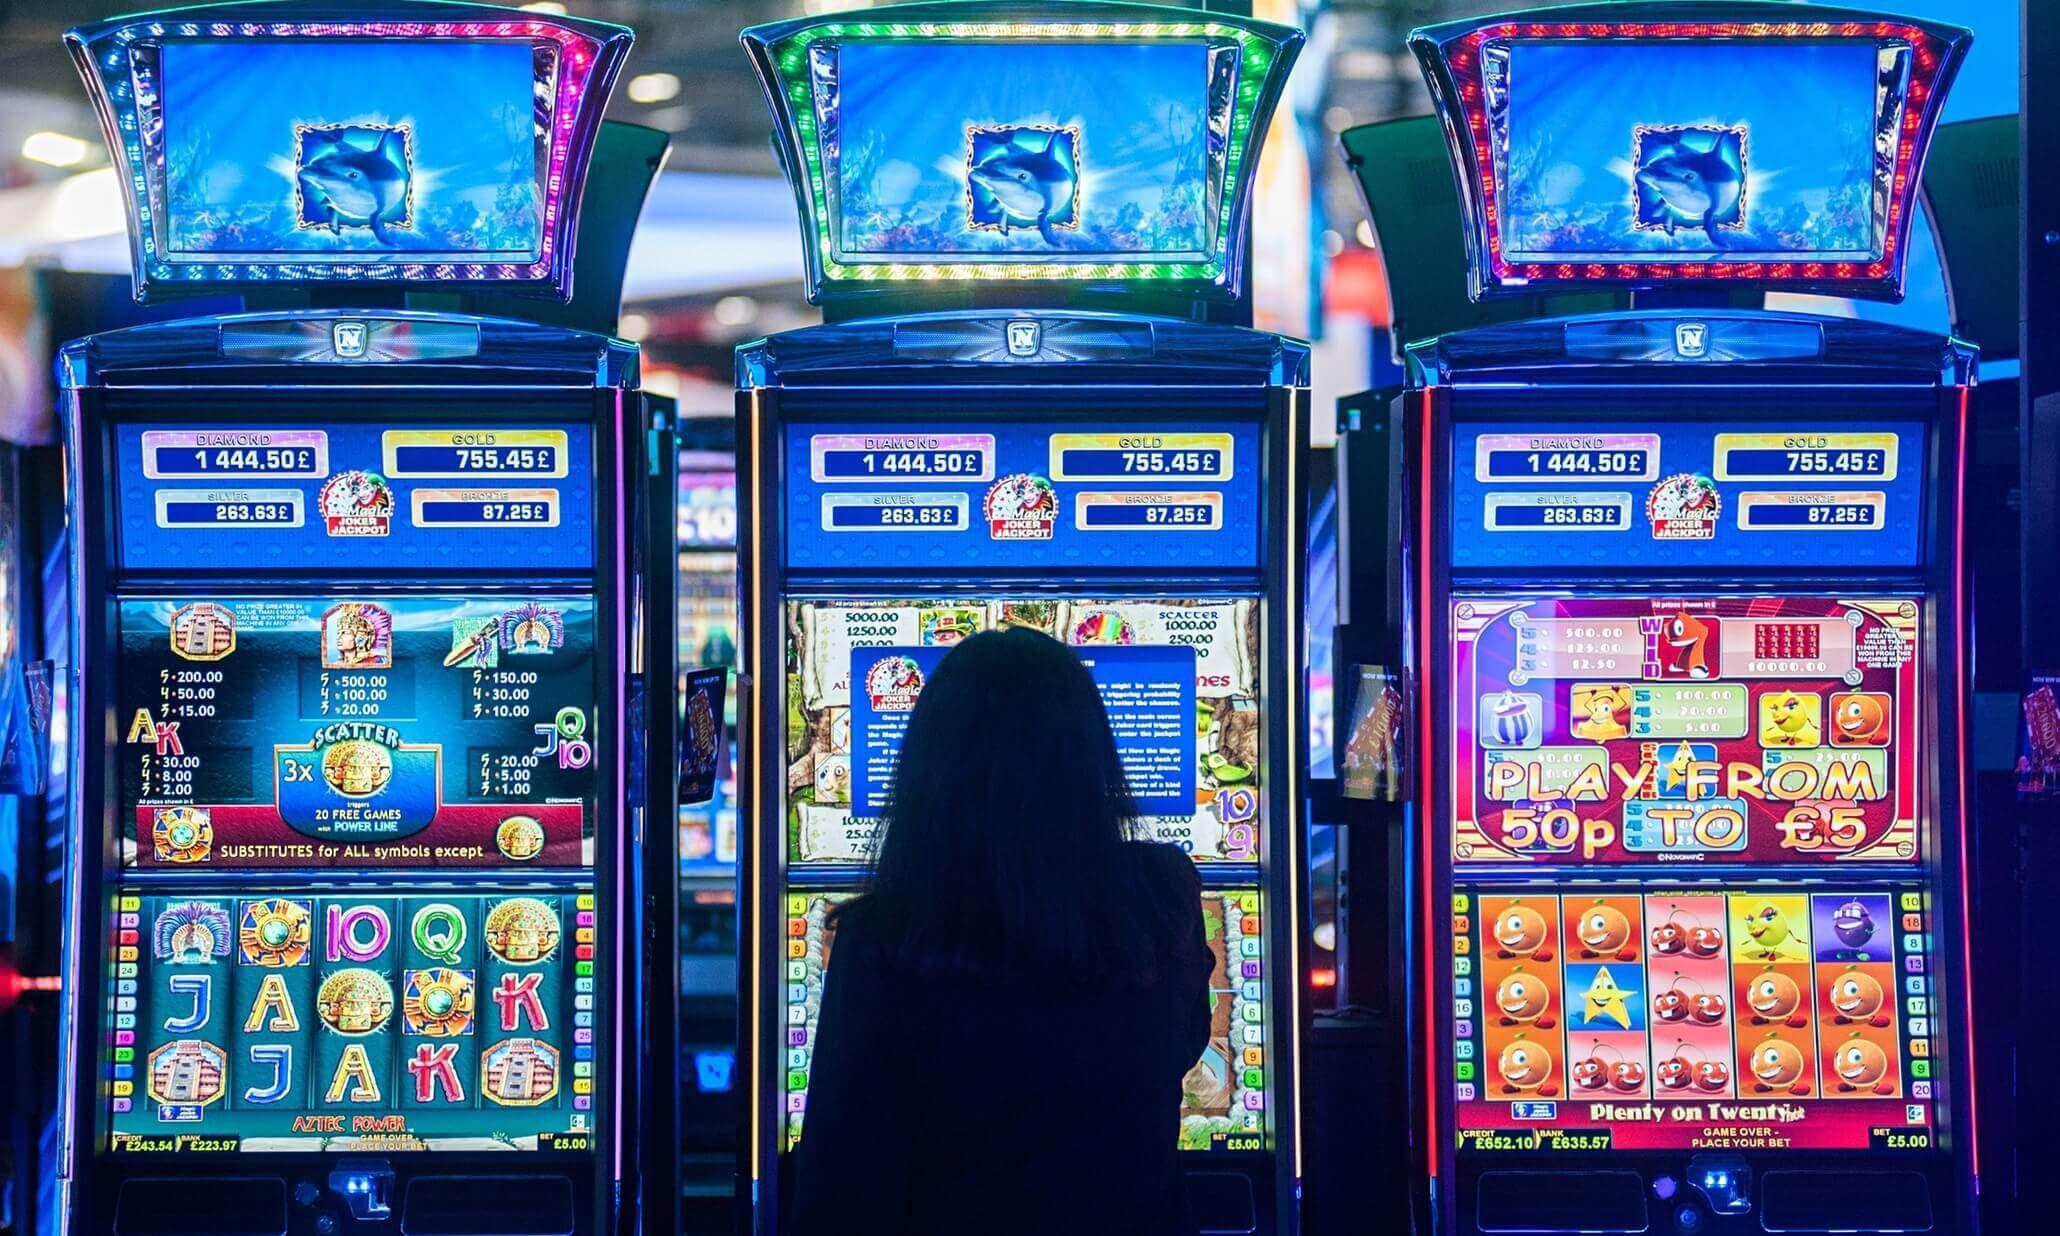 Скачать игровые автоматы бесплатно litibit автоматы казино онлайн играть